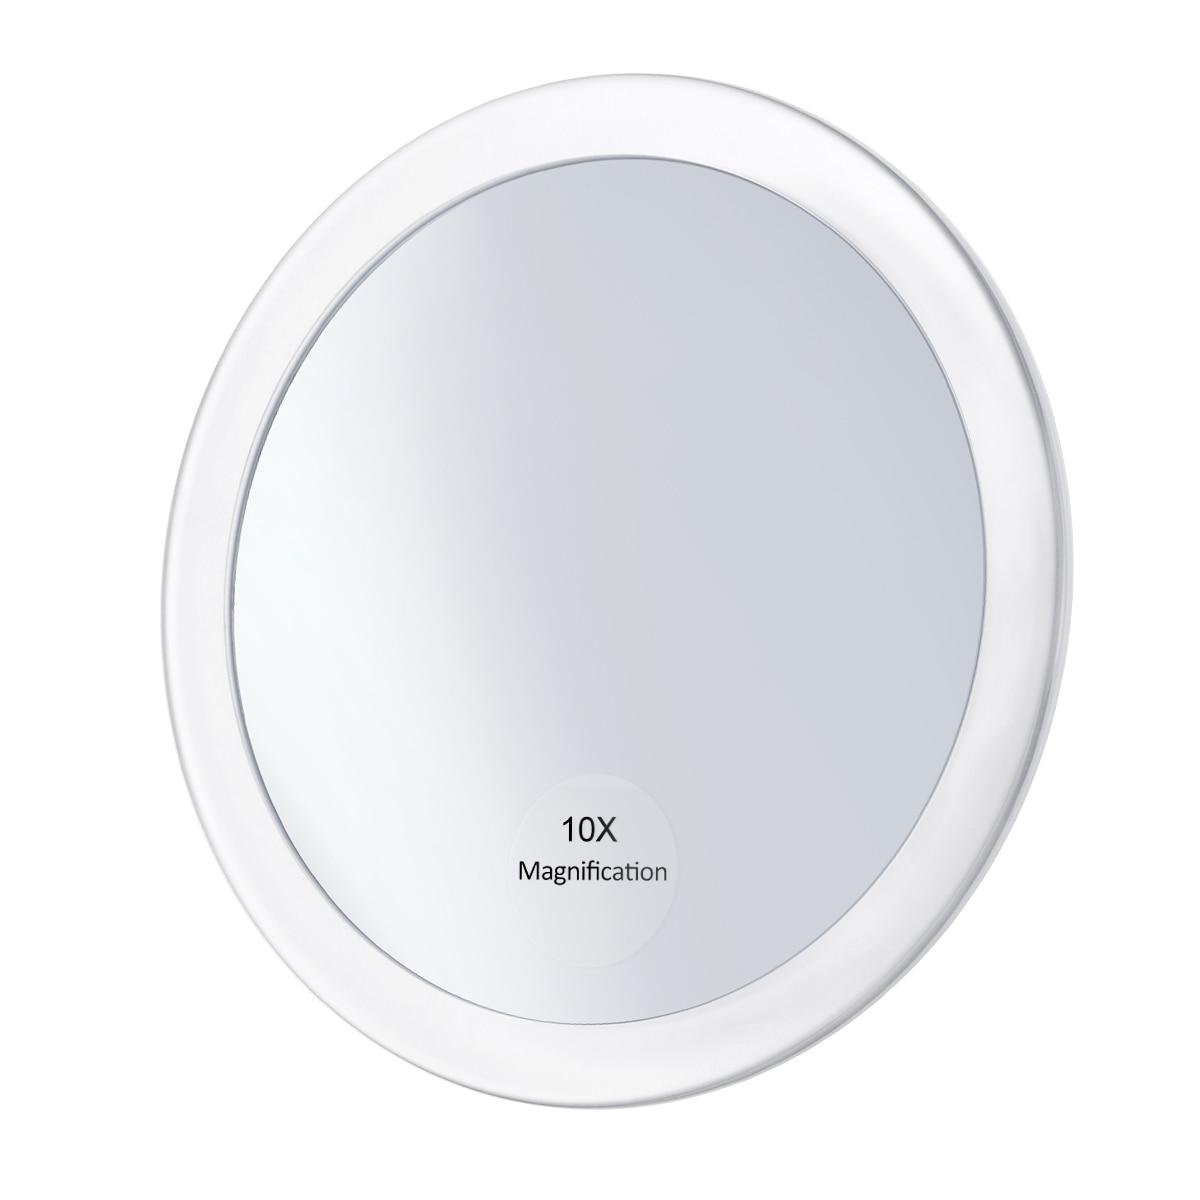 Espejo redondo de aumento de 10x espejo de bolsillo plegable espejo de aumento compacto con 3 ventosas de 5,9 pulgadas